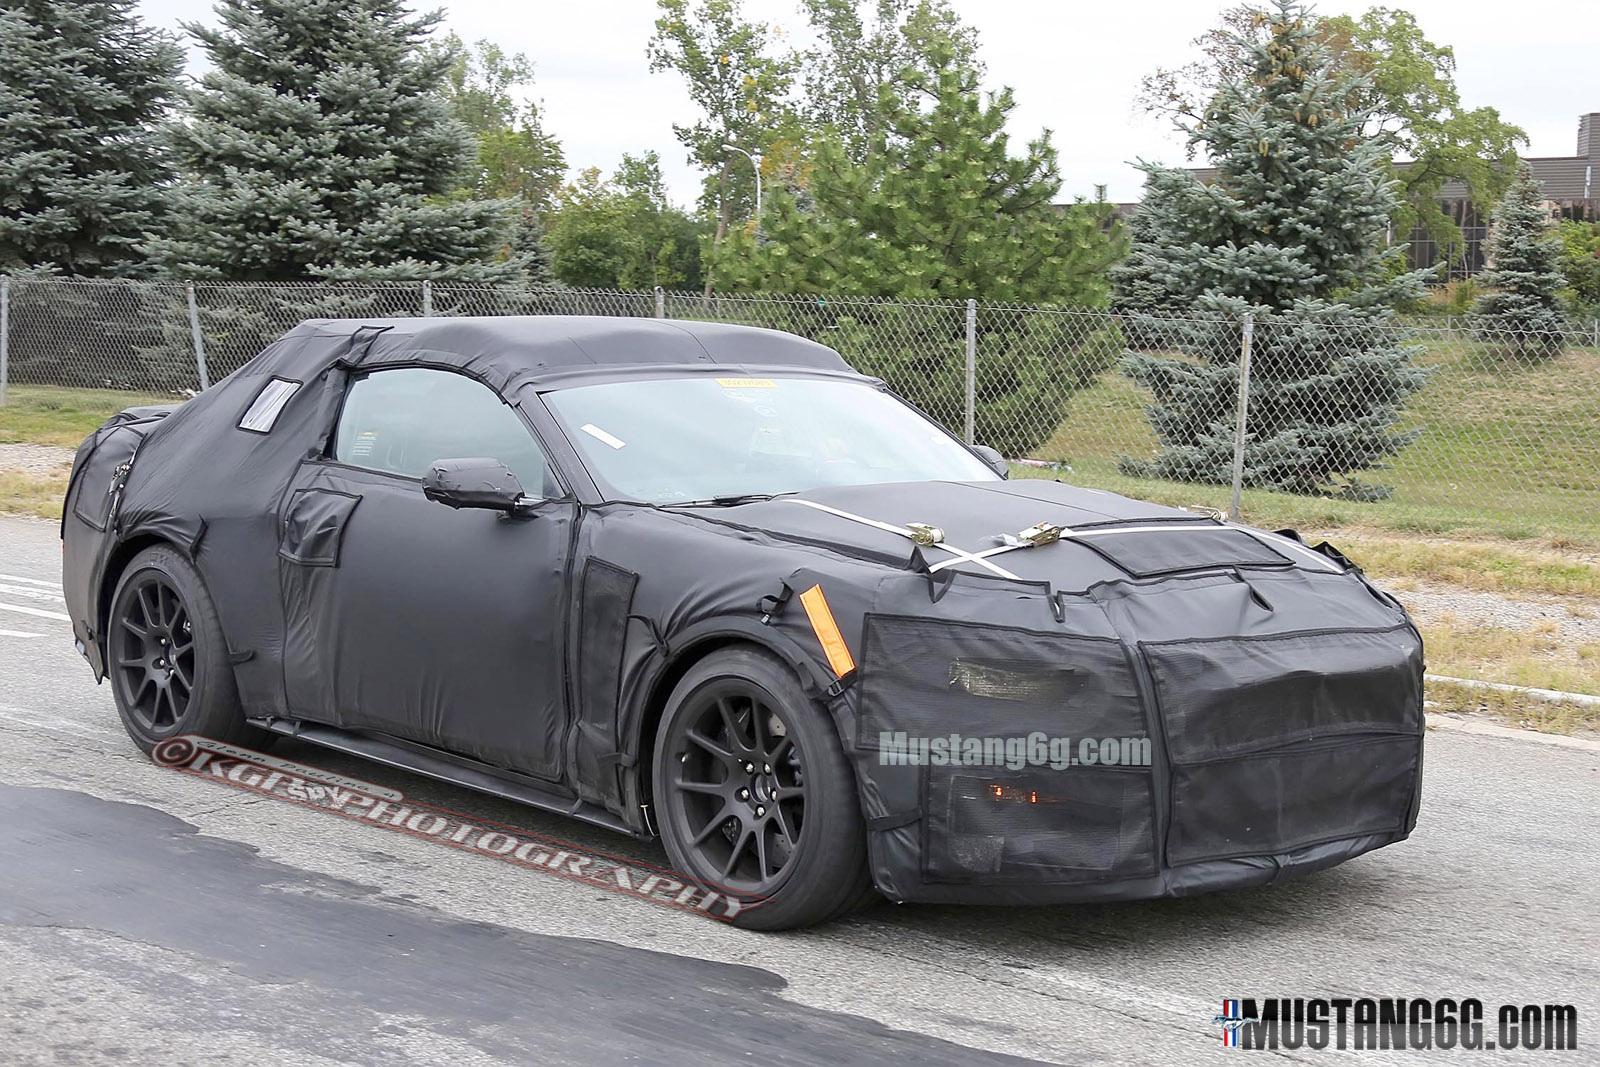 2015 SVT Mustang S550